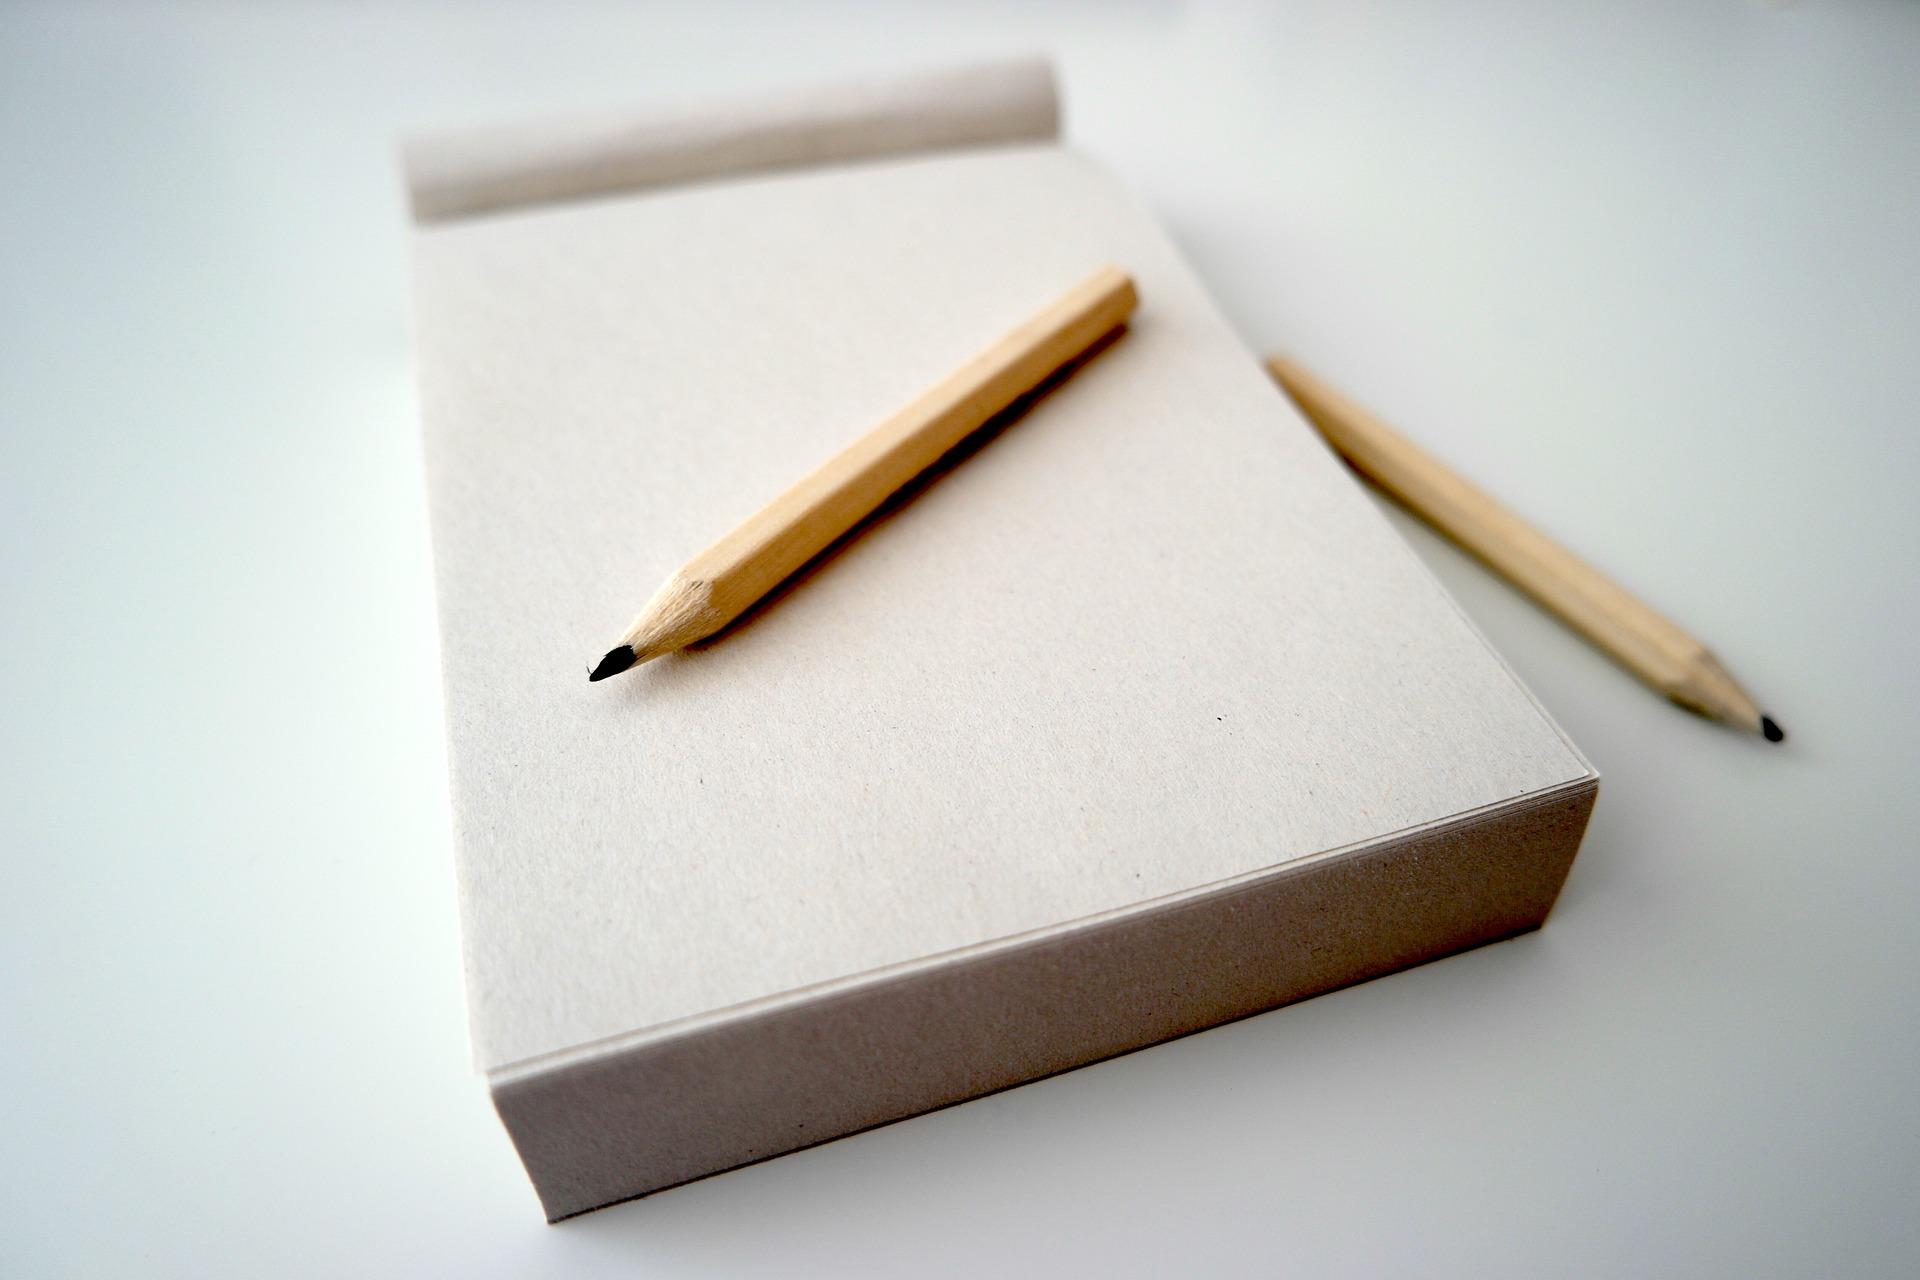 pencil-2732265_1920